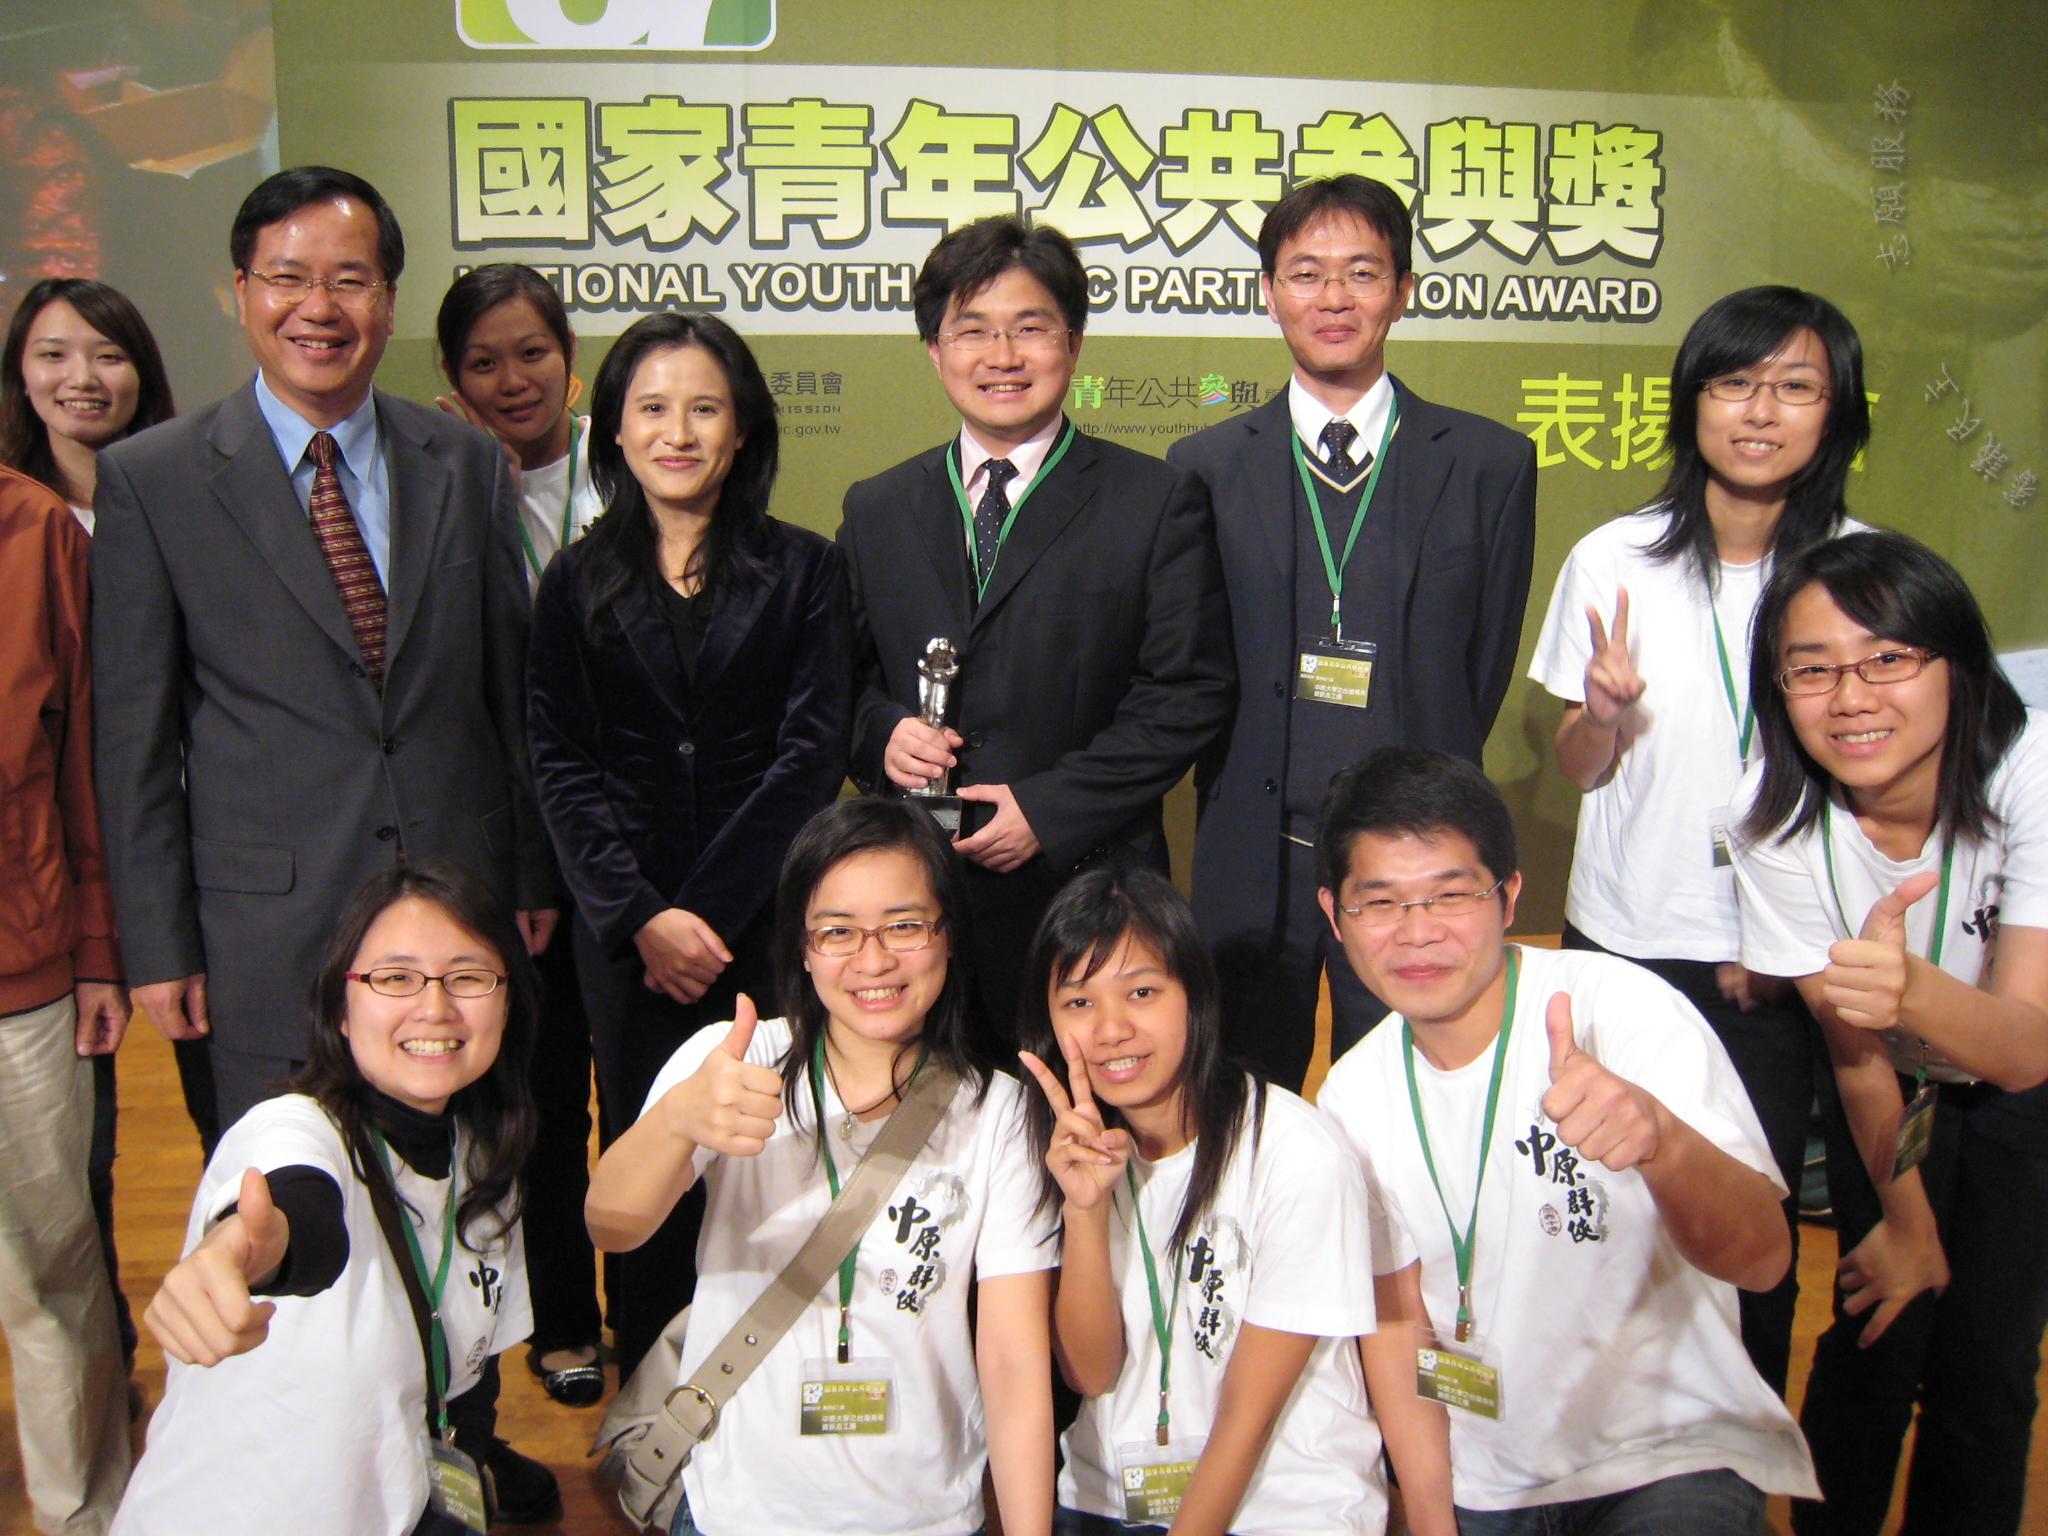 中原資管系青年志工團榮獲「國家青年公共參與獎」國際參與第一名